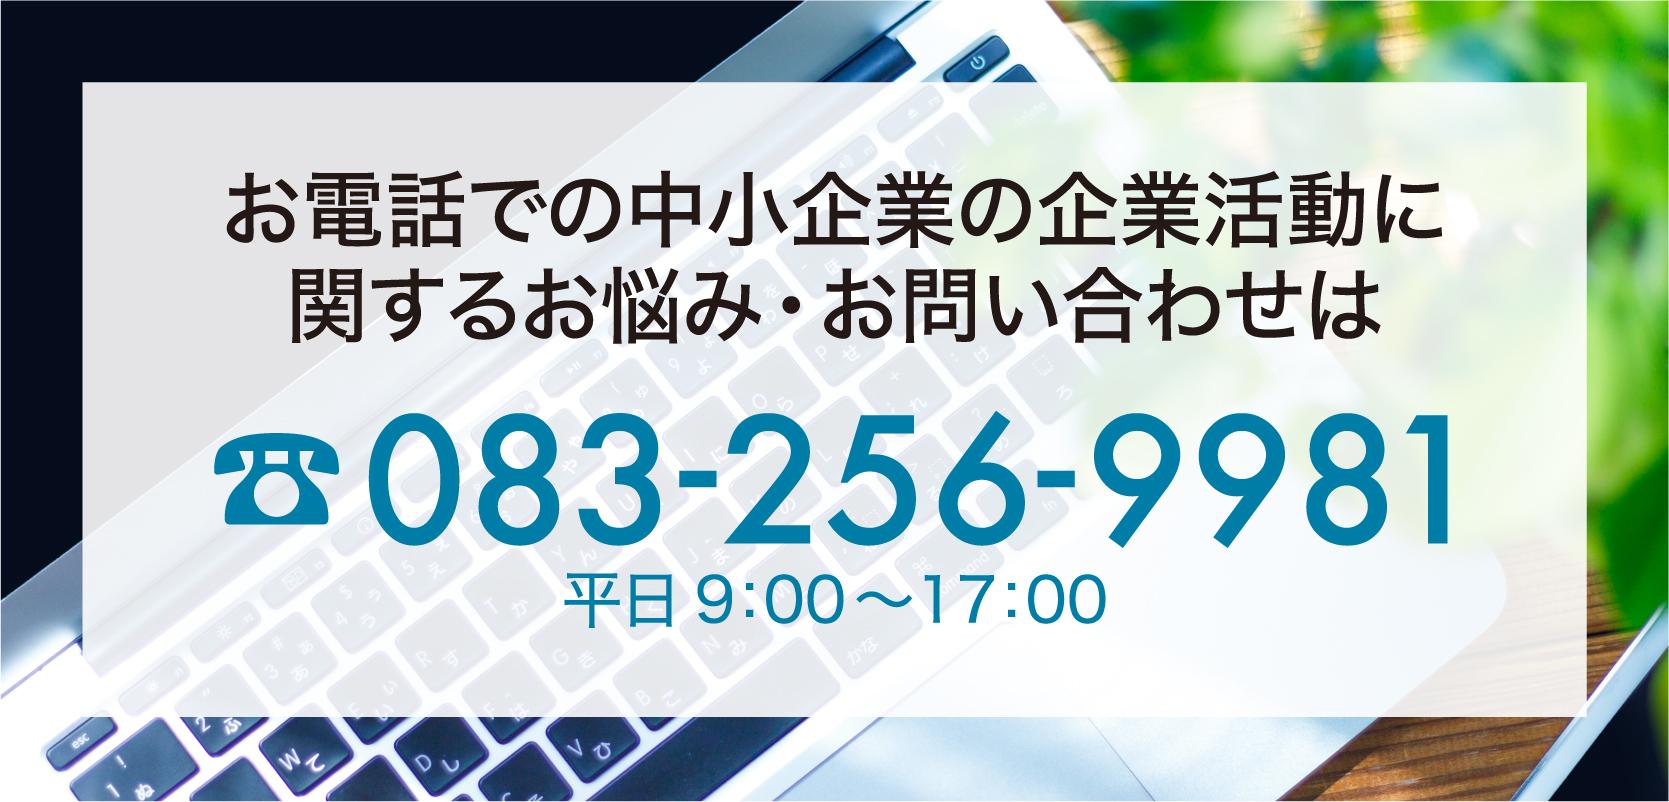 お電話でのお問い合わせは083-256-9981